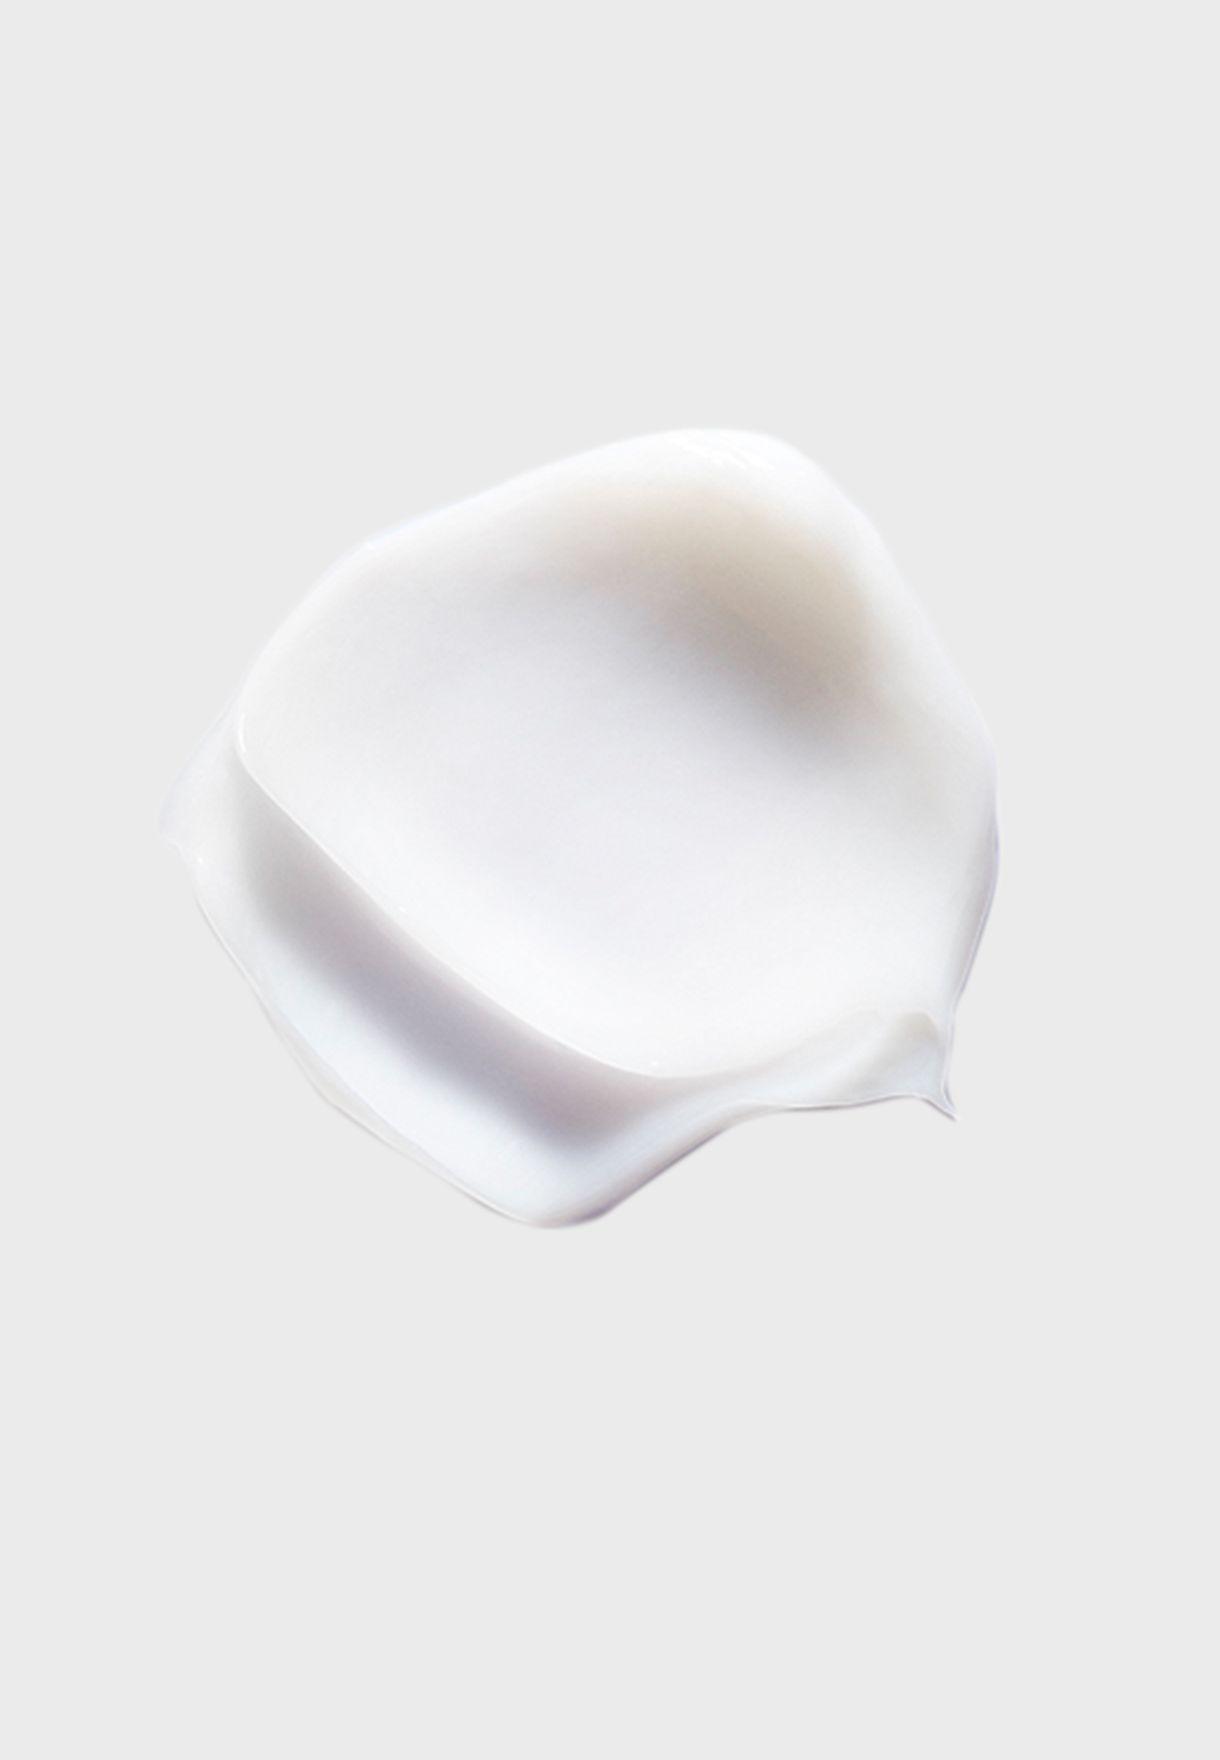 ماسك جينيسيس المقاوم لتساقط الشعر 200 مل